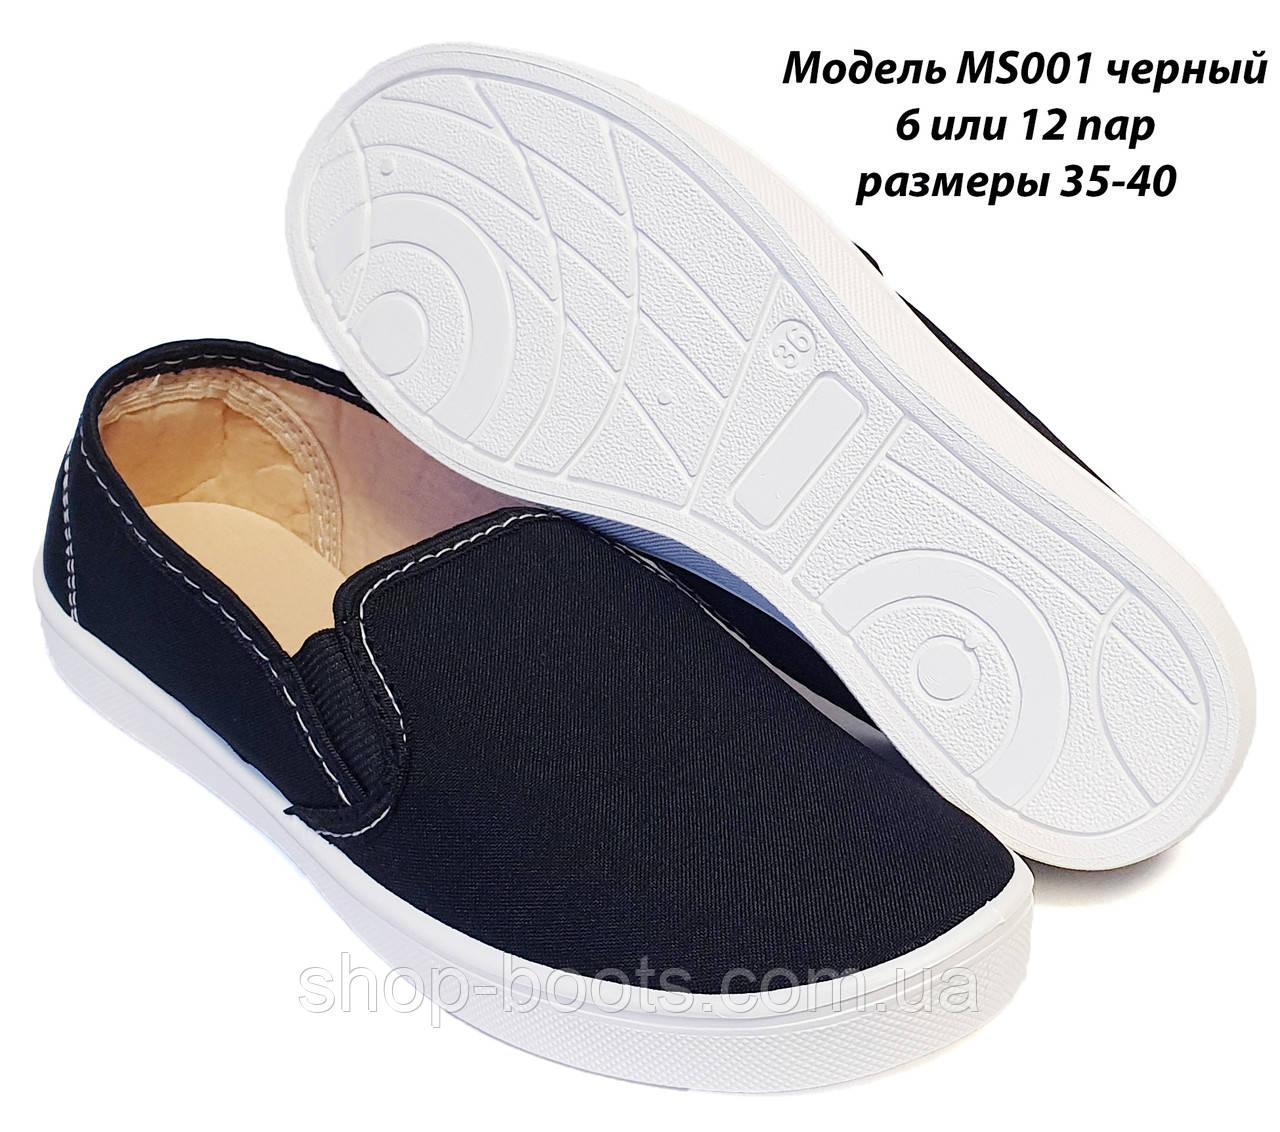 Женские мокасины оптом. 35-40 рр.  Модель MS001 черный